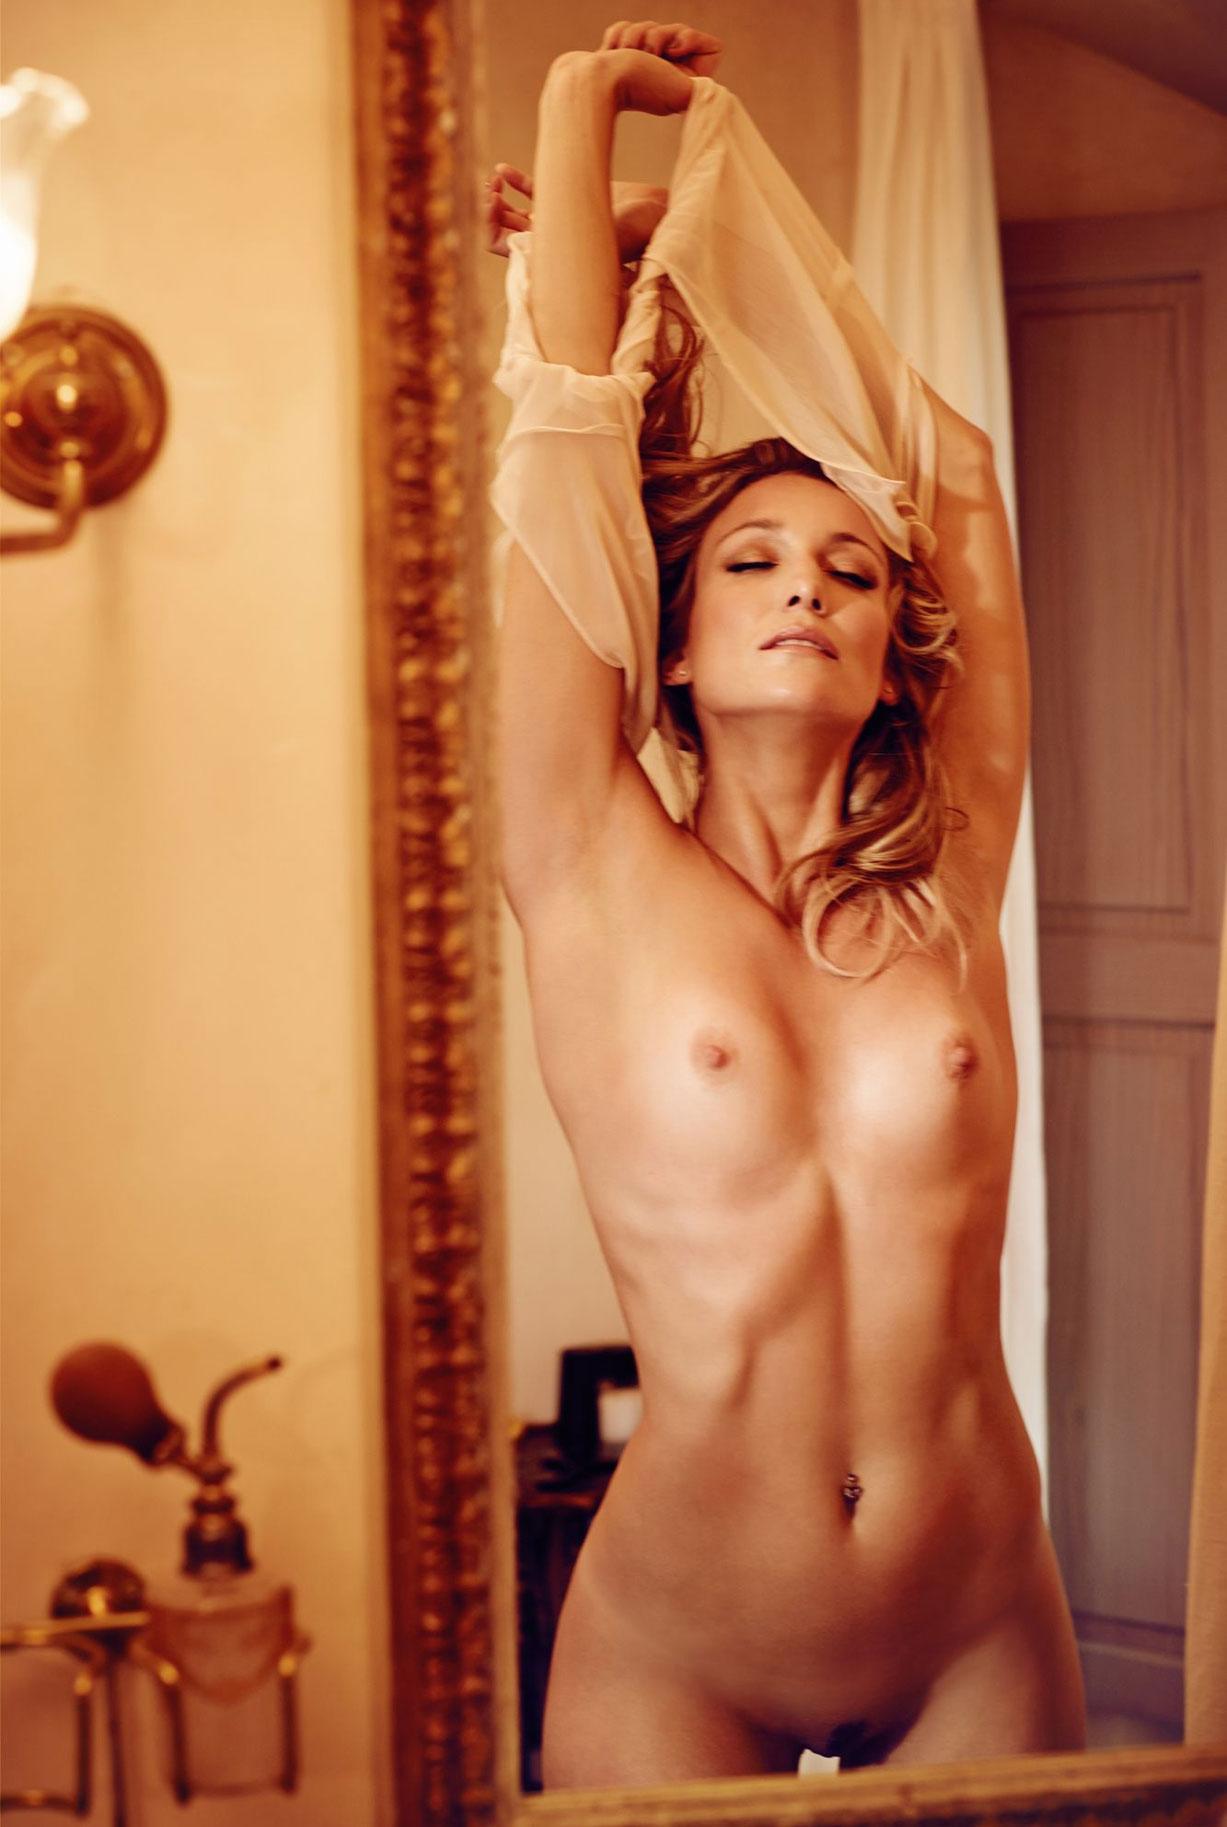 подборка фотографий сексуальных голых девушек - Christine Theiss